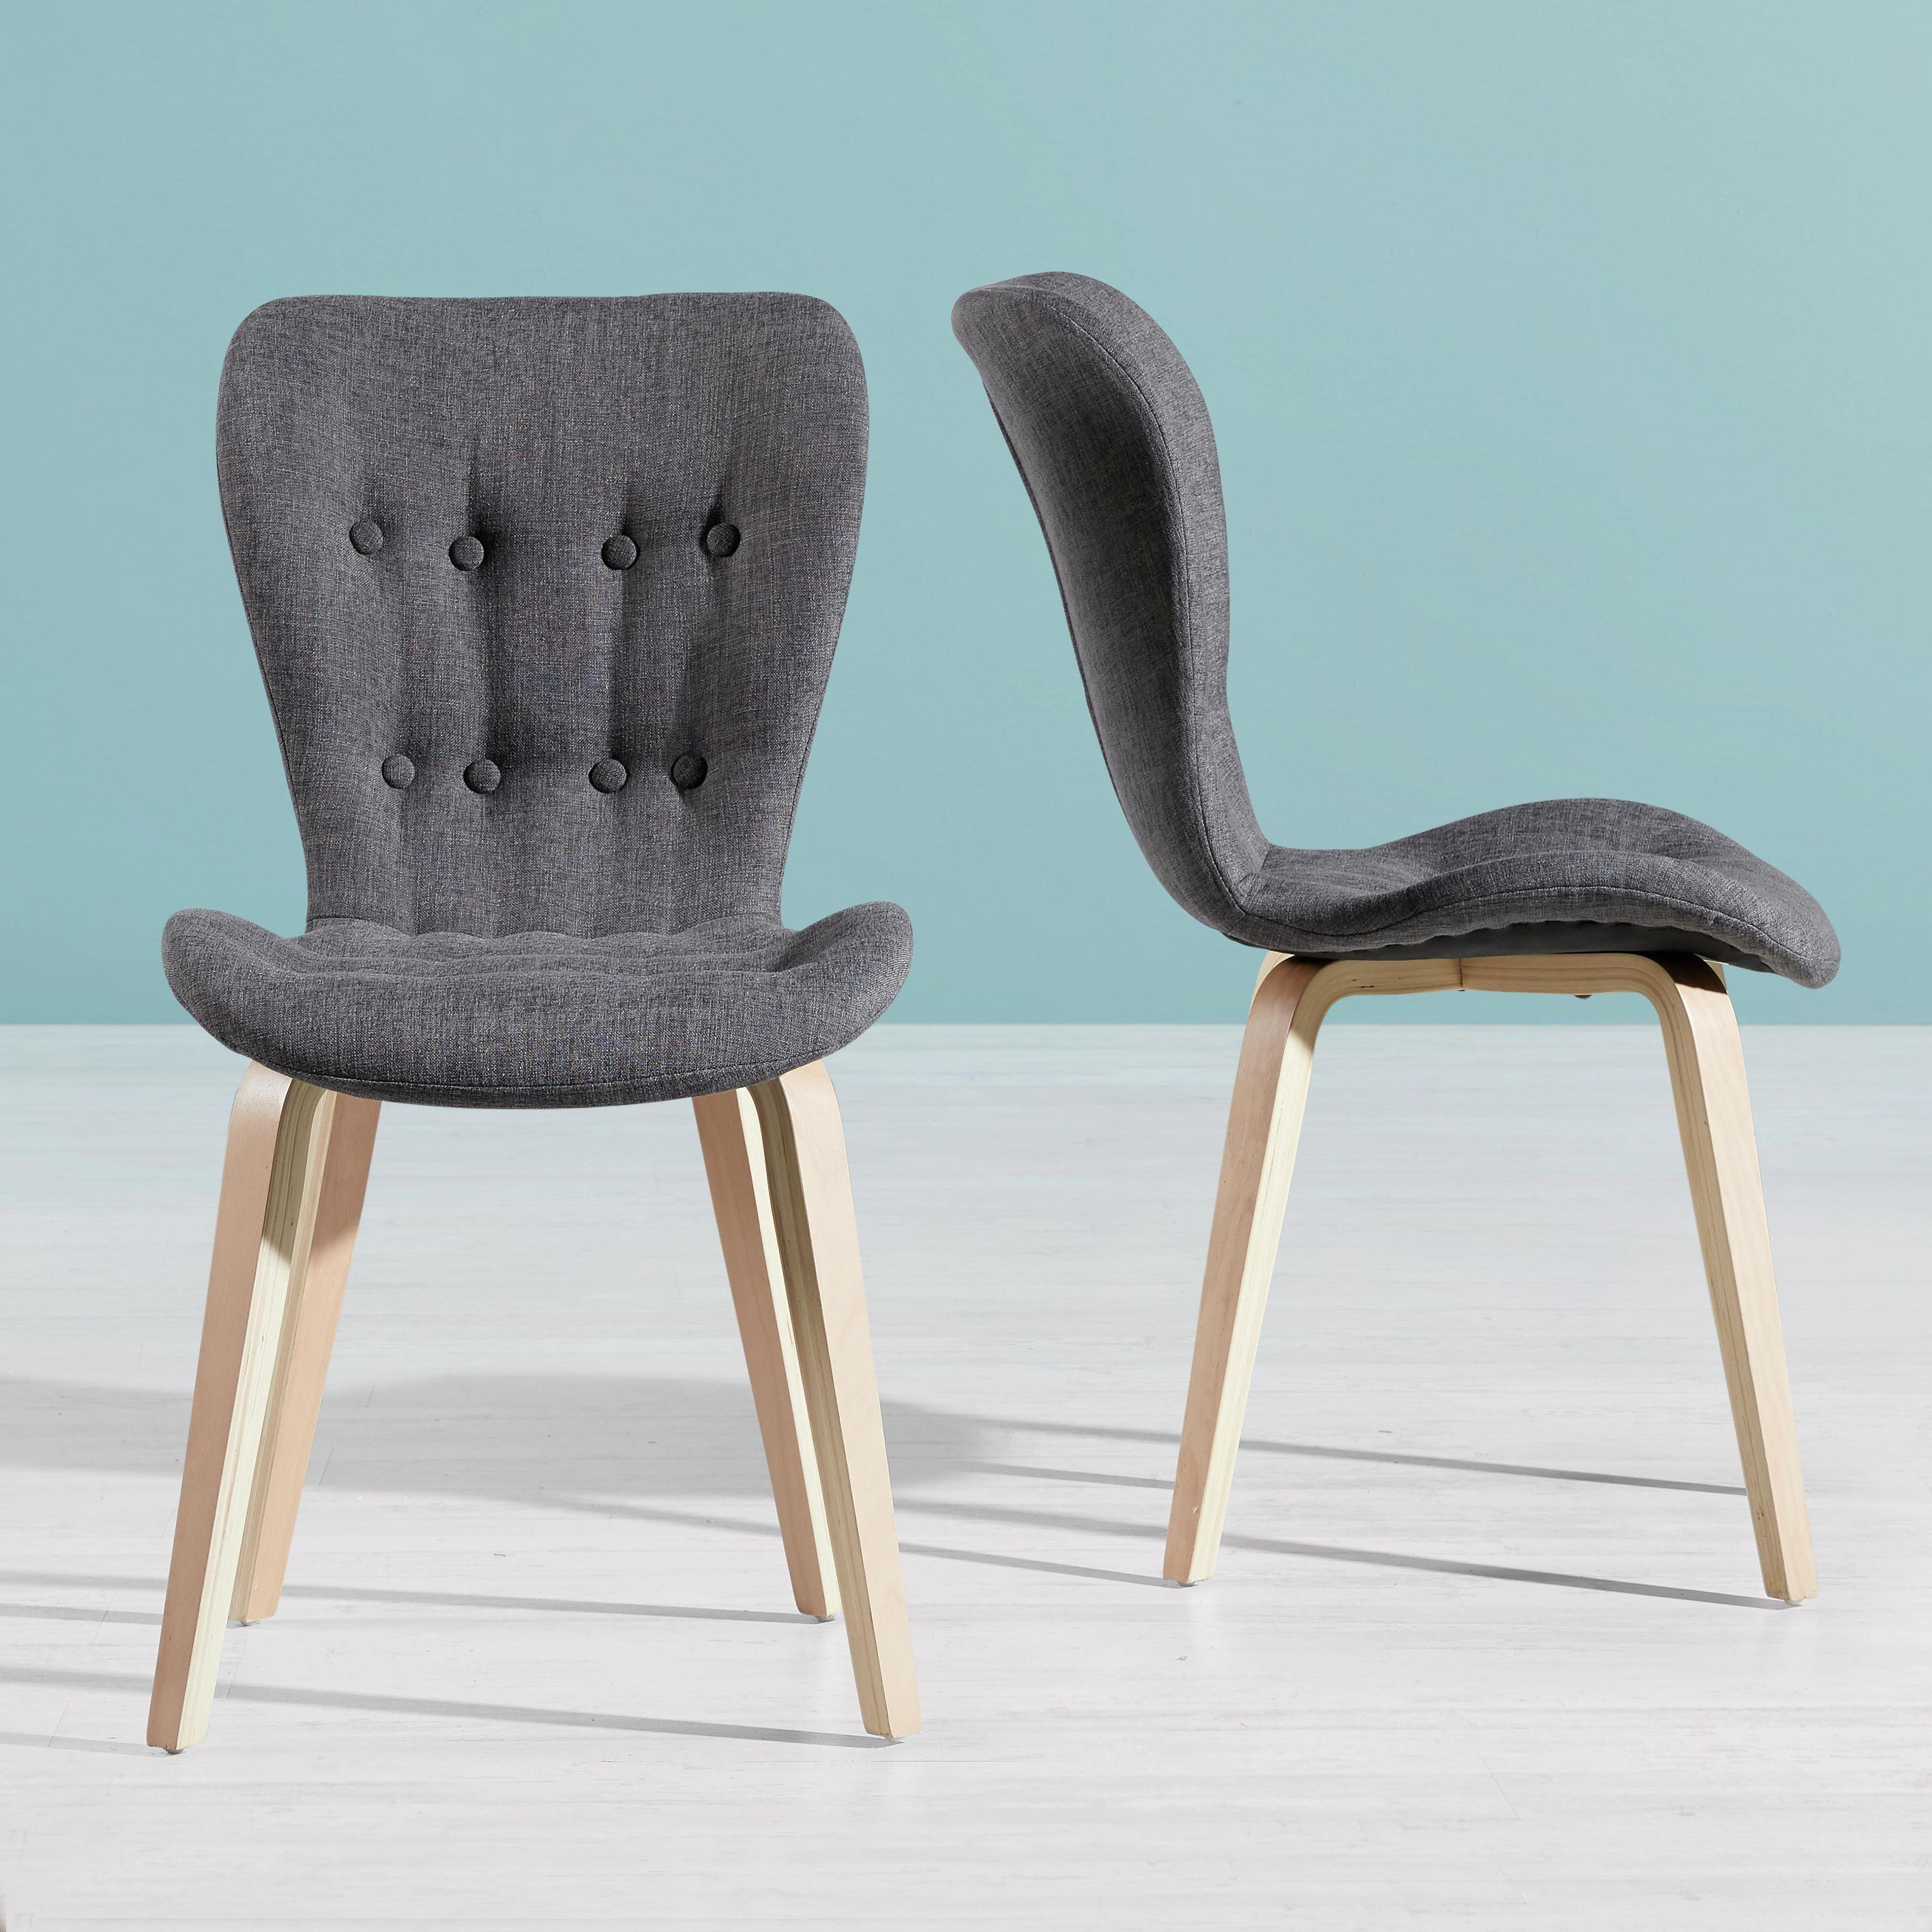 stuhl-jaque-hellgrau-modern-holz-textil-moemax-modern-living Impressionnant De Amazon Parasol Des Idées